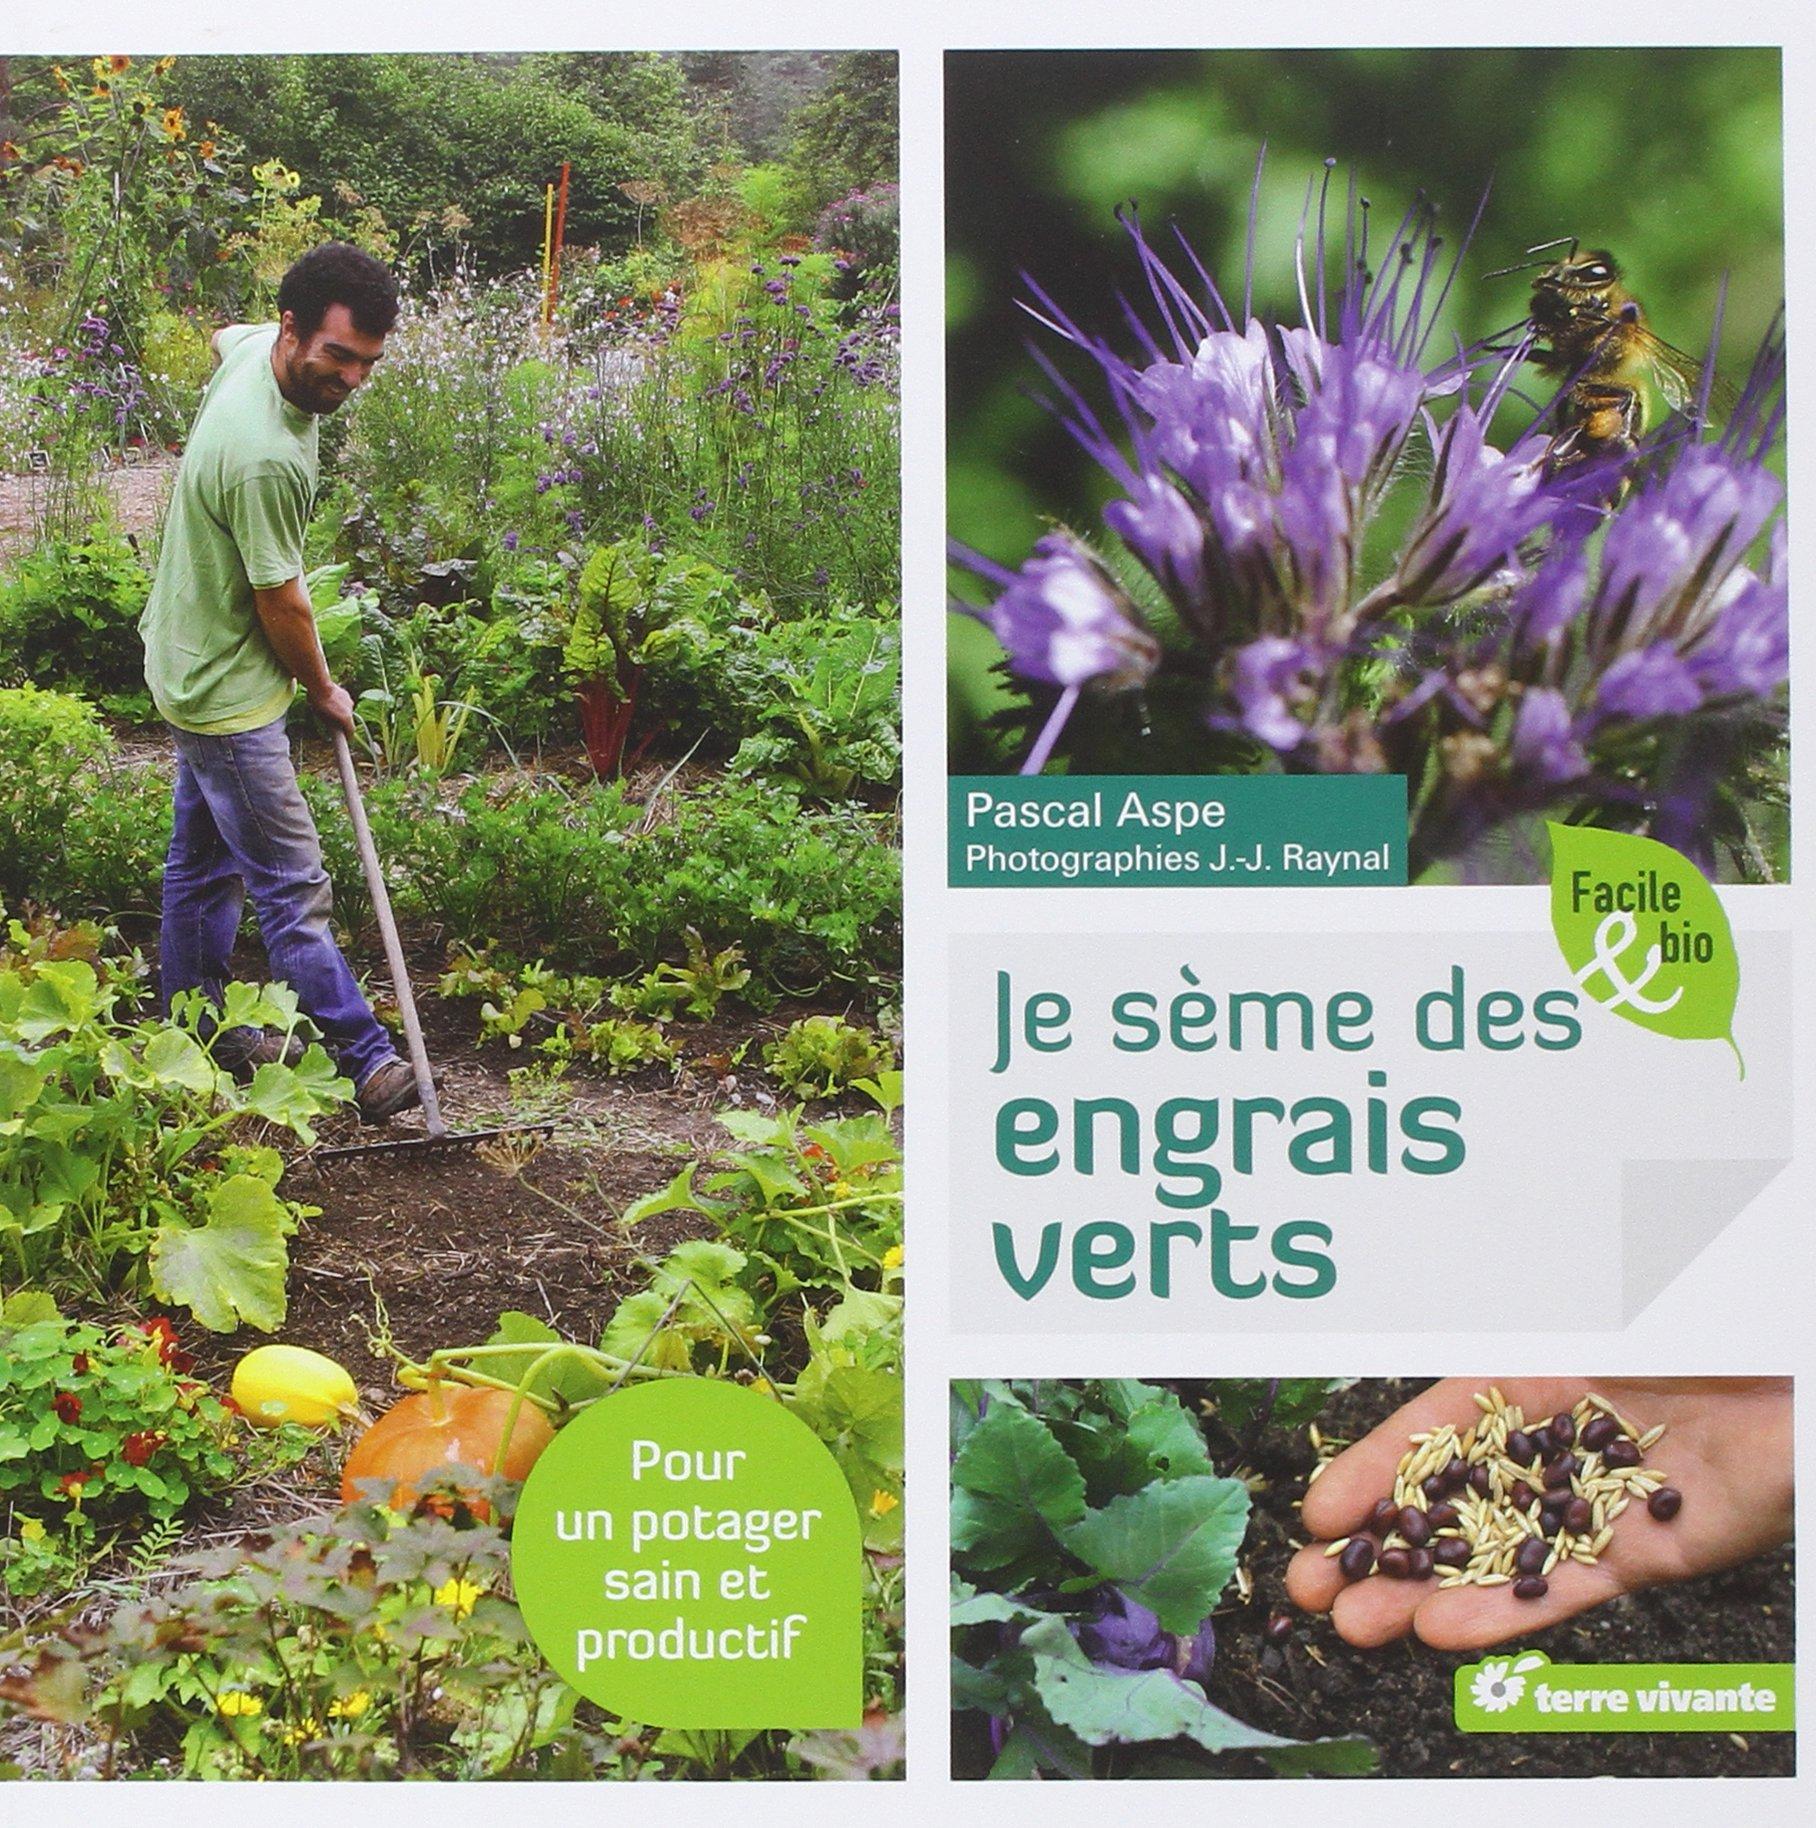 Pascal ASPE, Je sème des engrais verts, Terre vivante, 2013, 94 p.